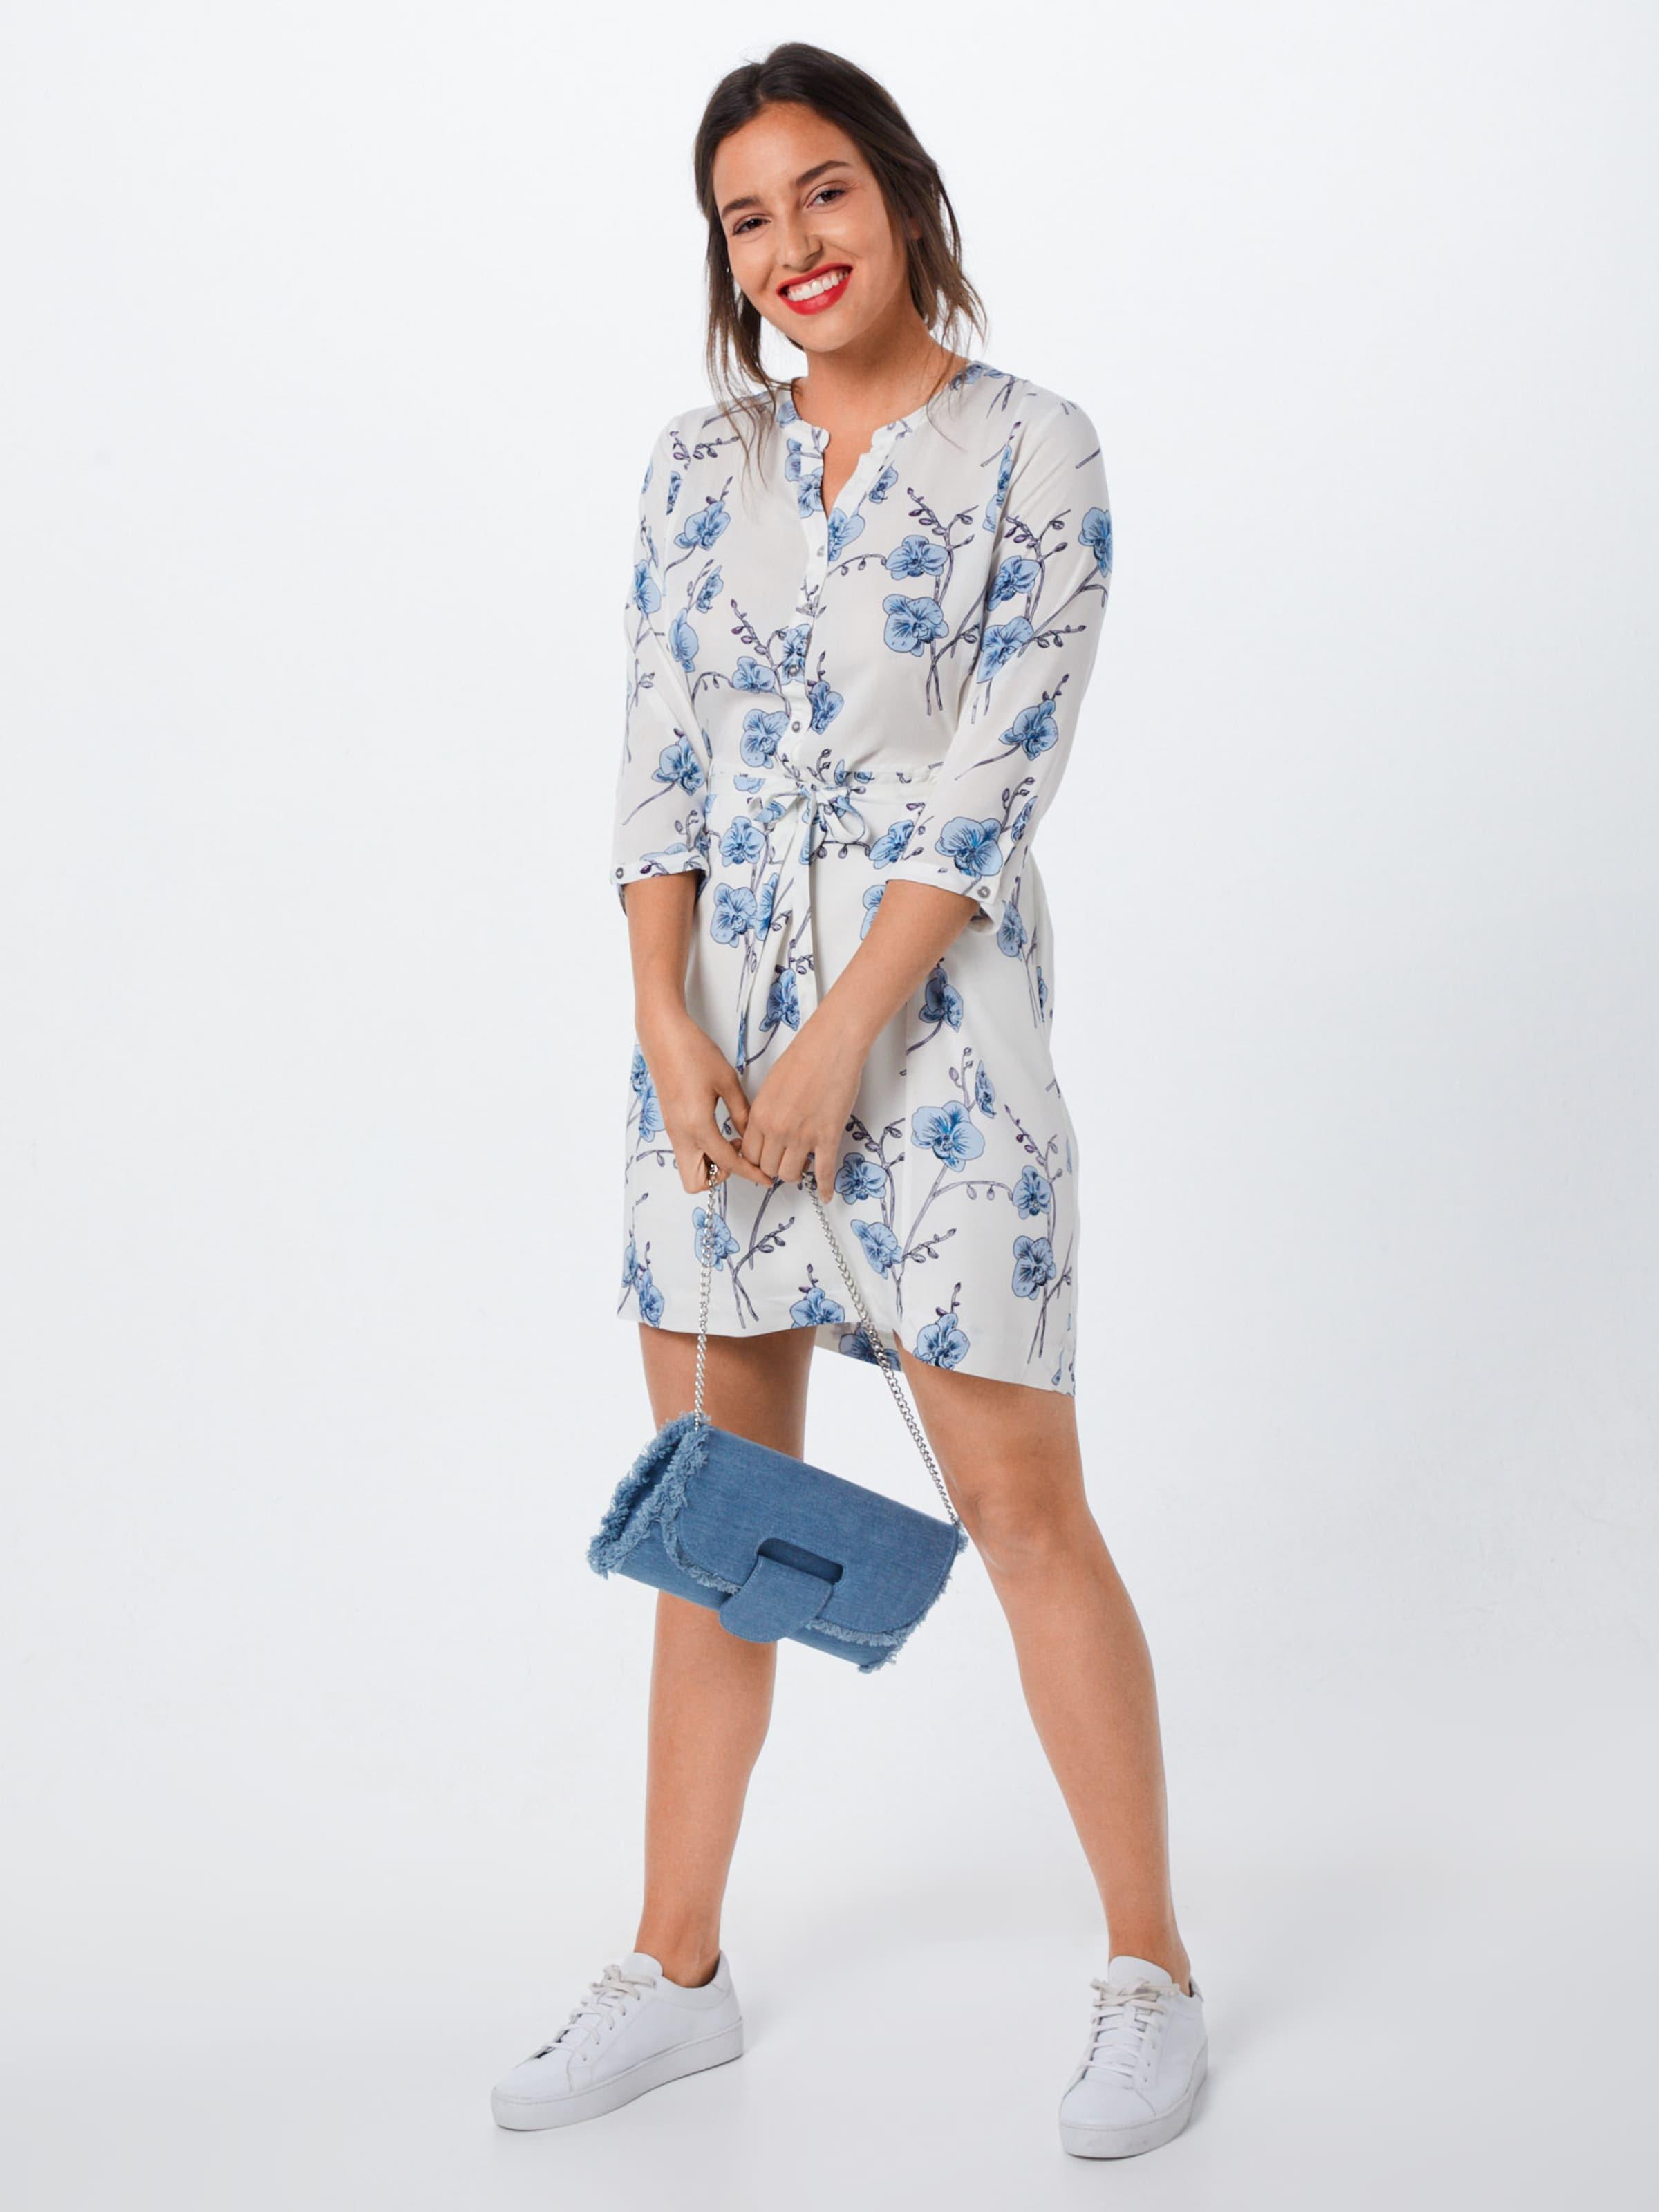 BleuBlanc Fashion En D'été Nyc 'phoby' Broadway Robe OXuPZlwikT